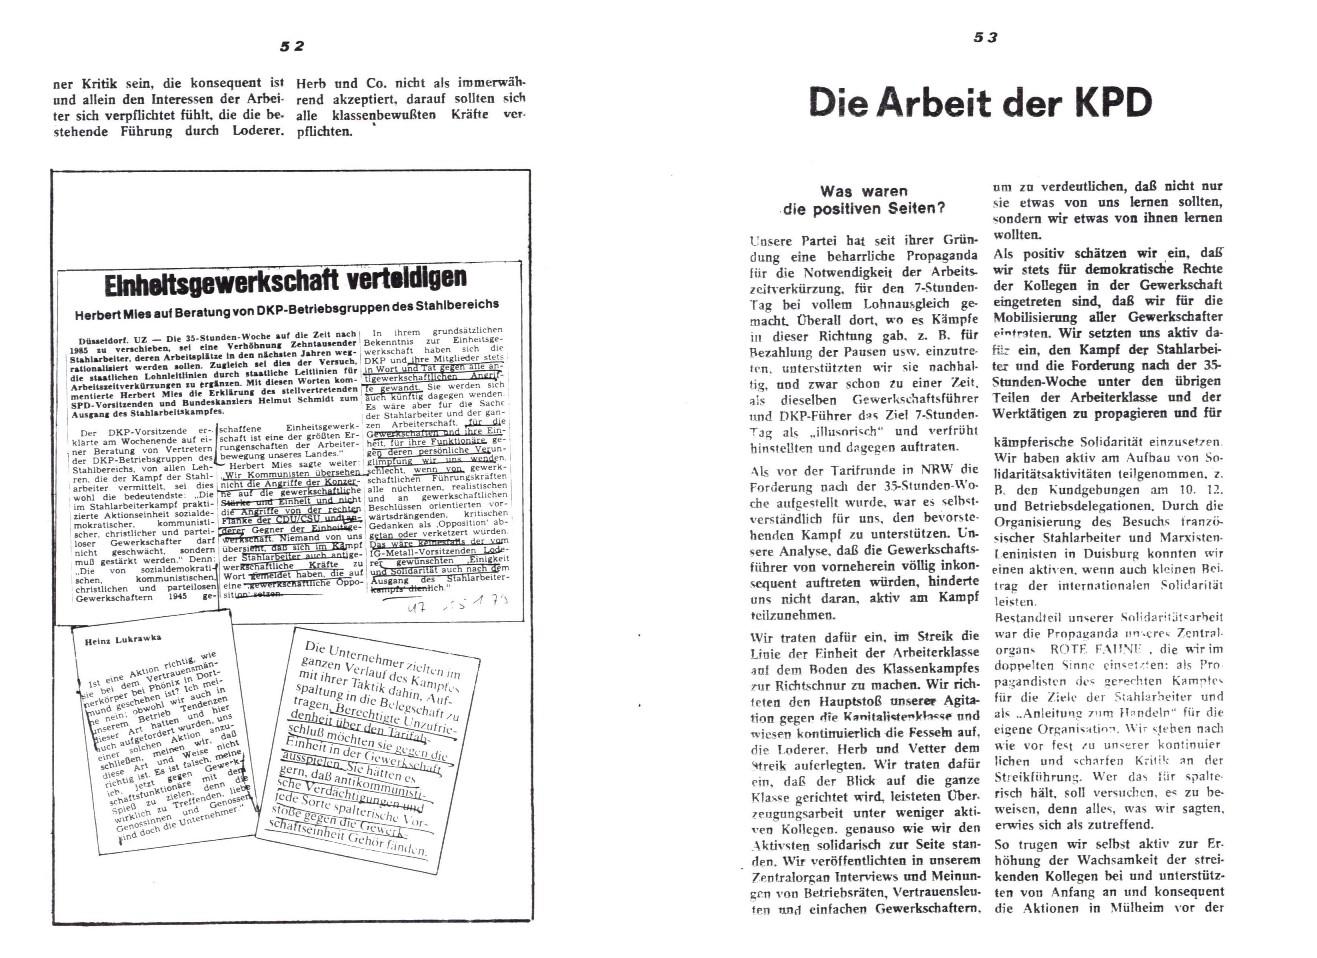 KPDAO_1979_Streik_in_der_Stahlindustrie_28